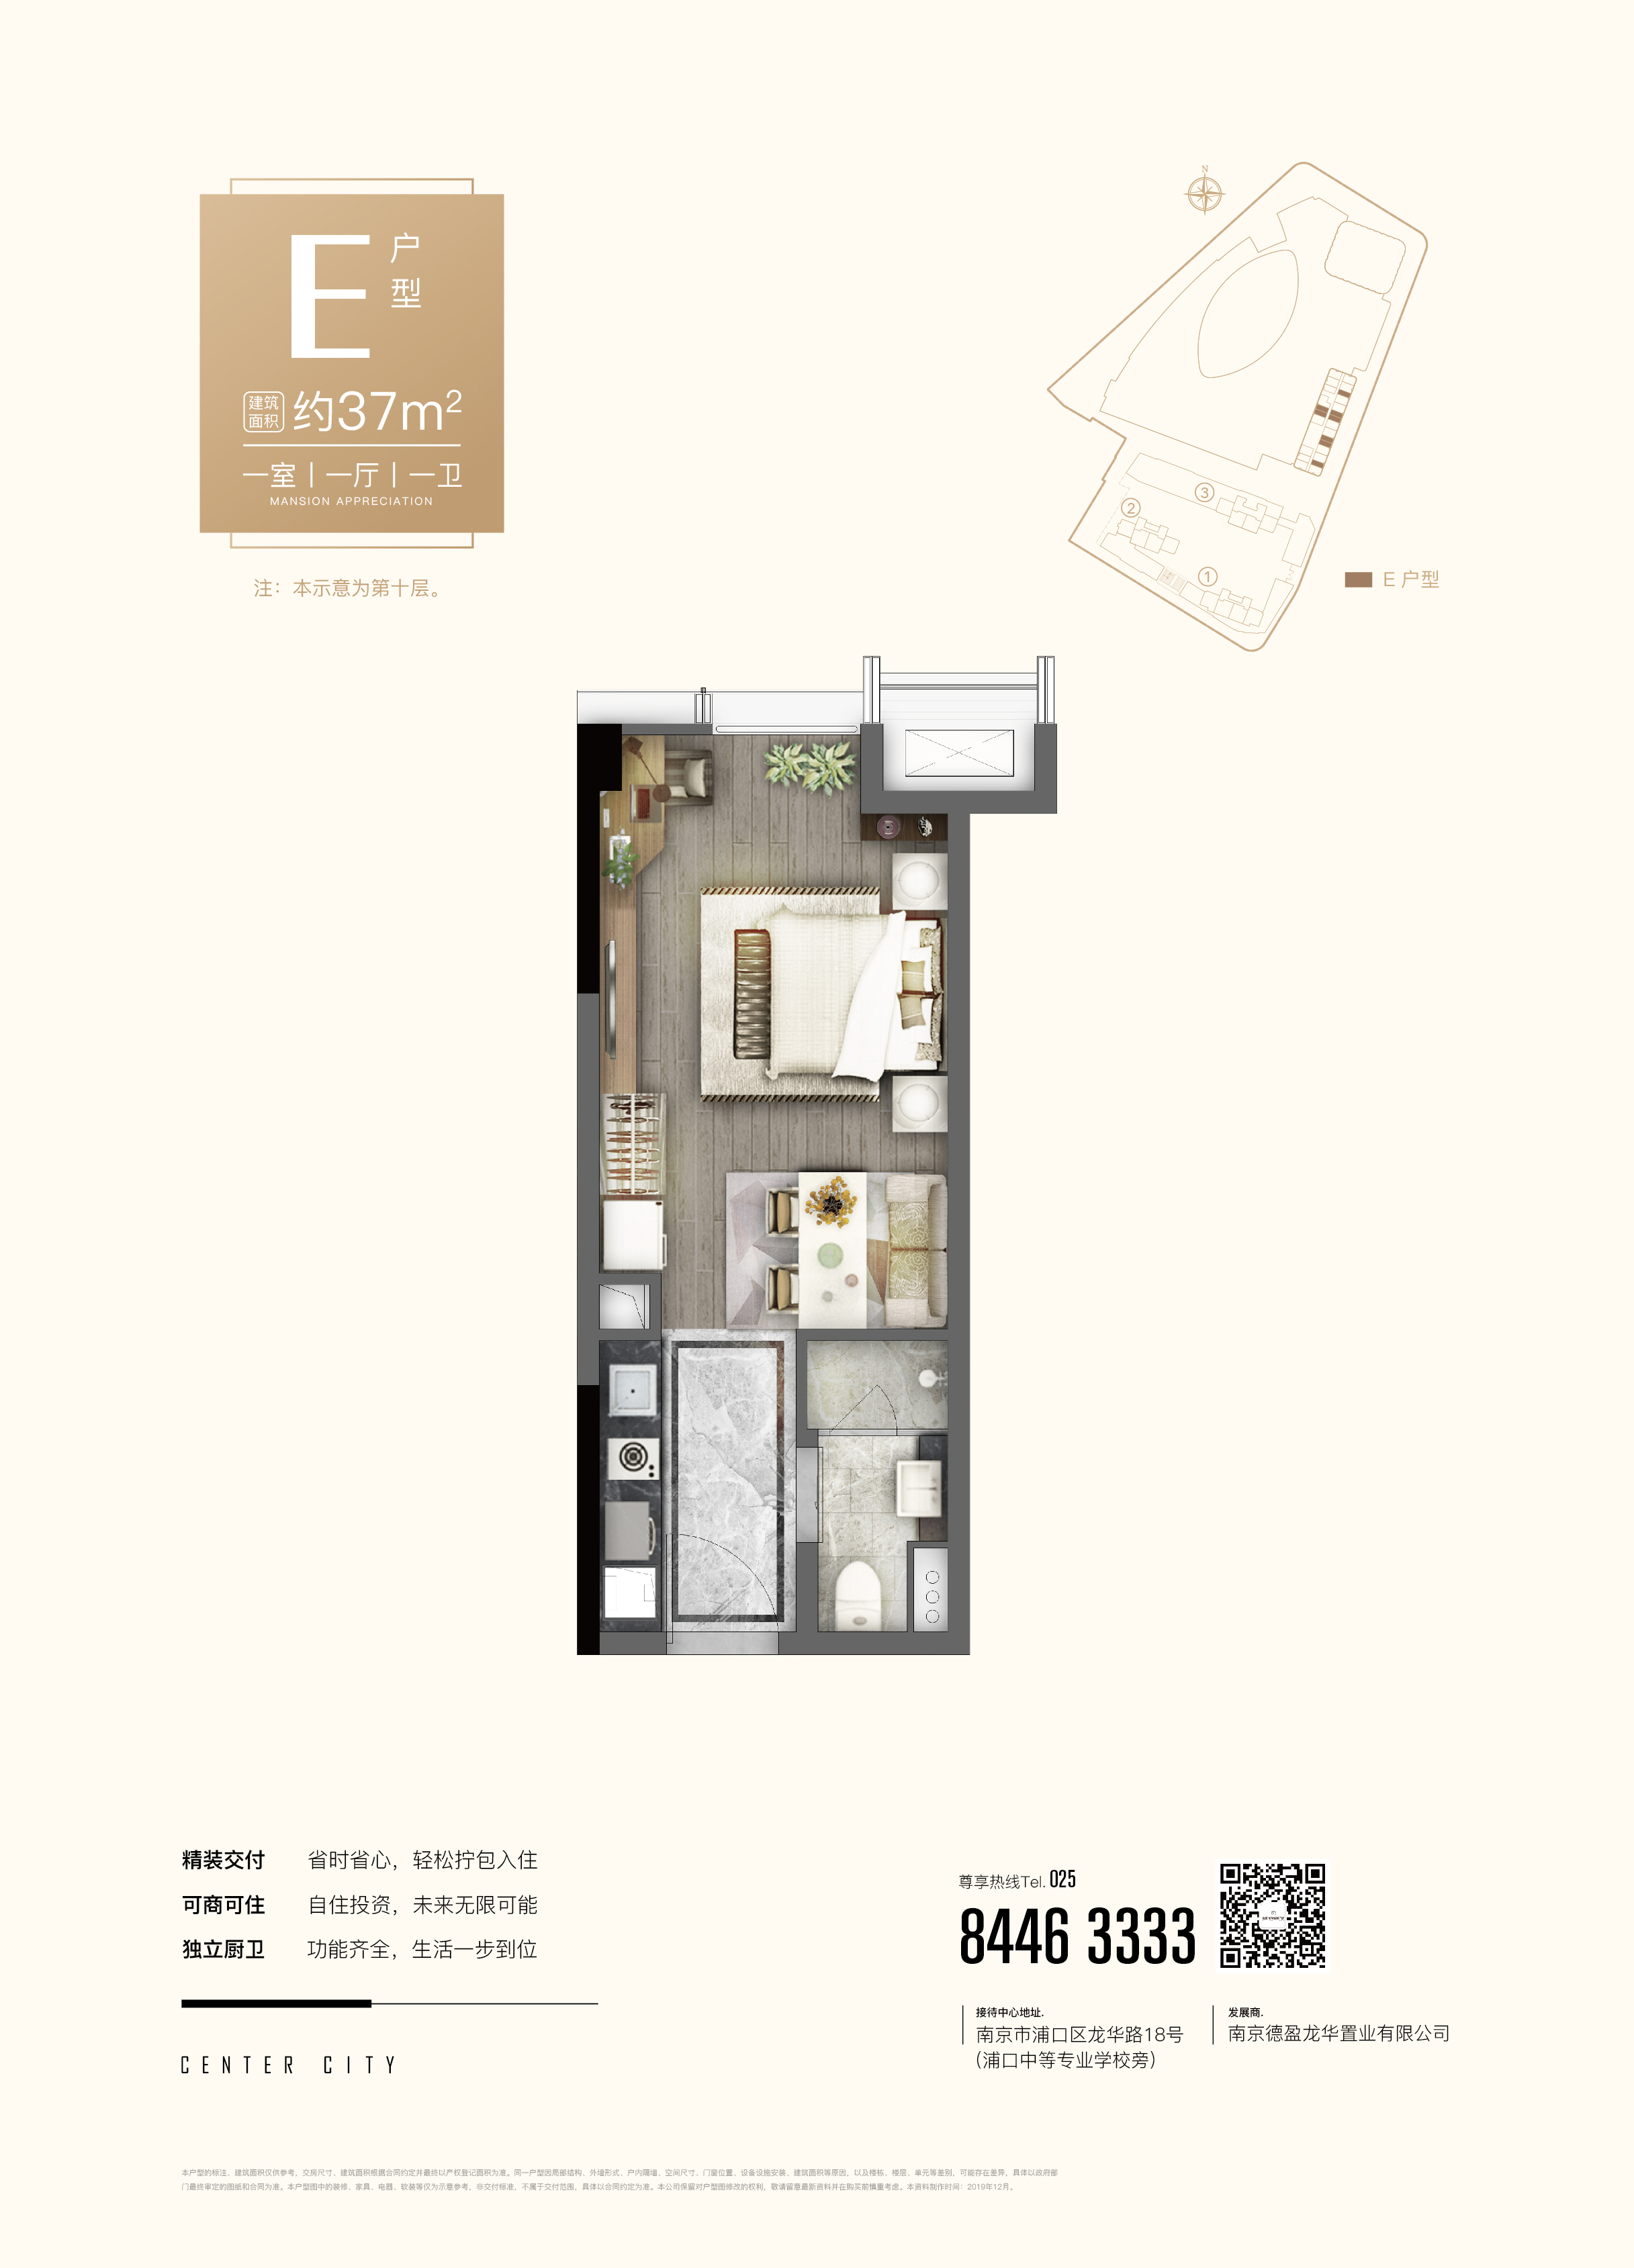 德盈龙华国际广场(公寓)  1室1厅1厨1卫